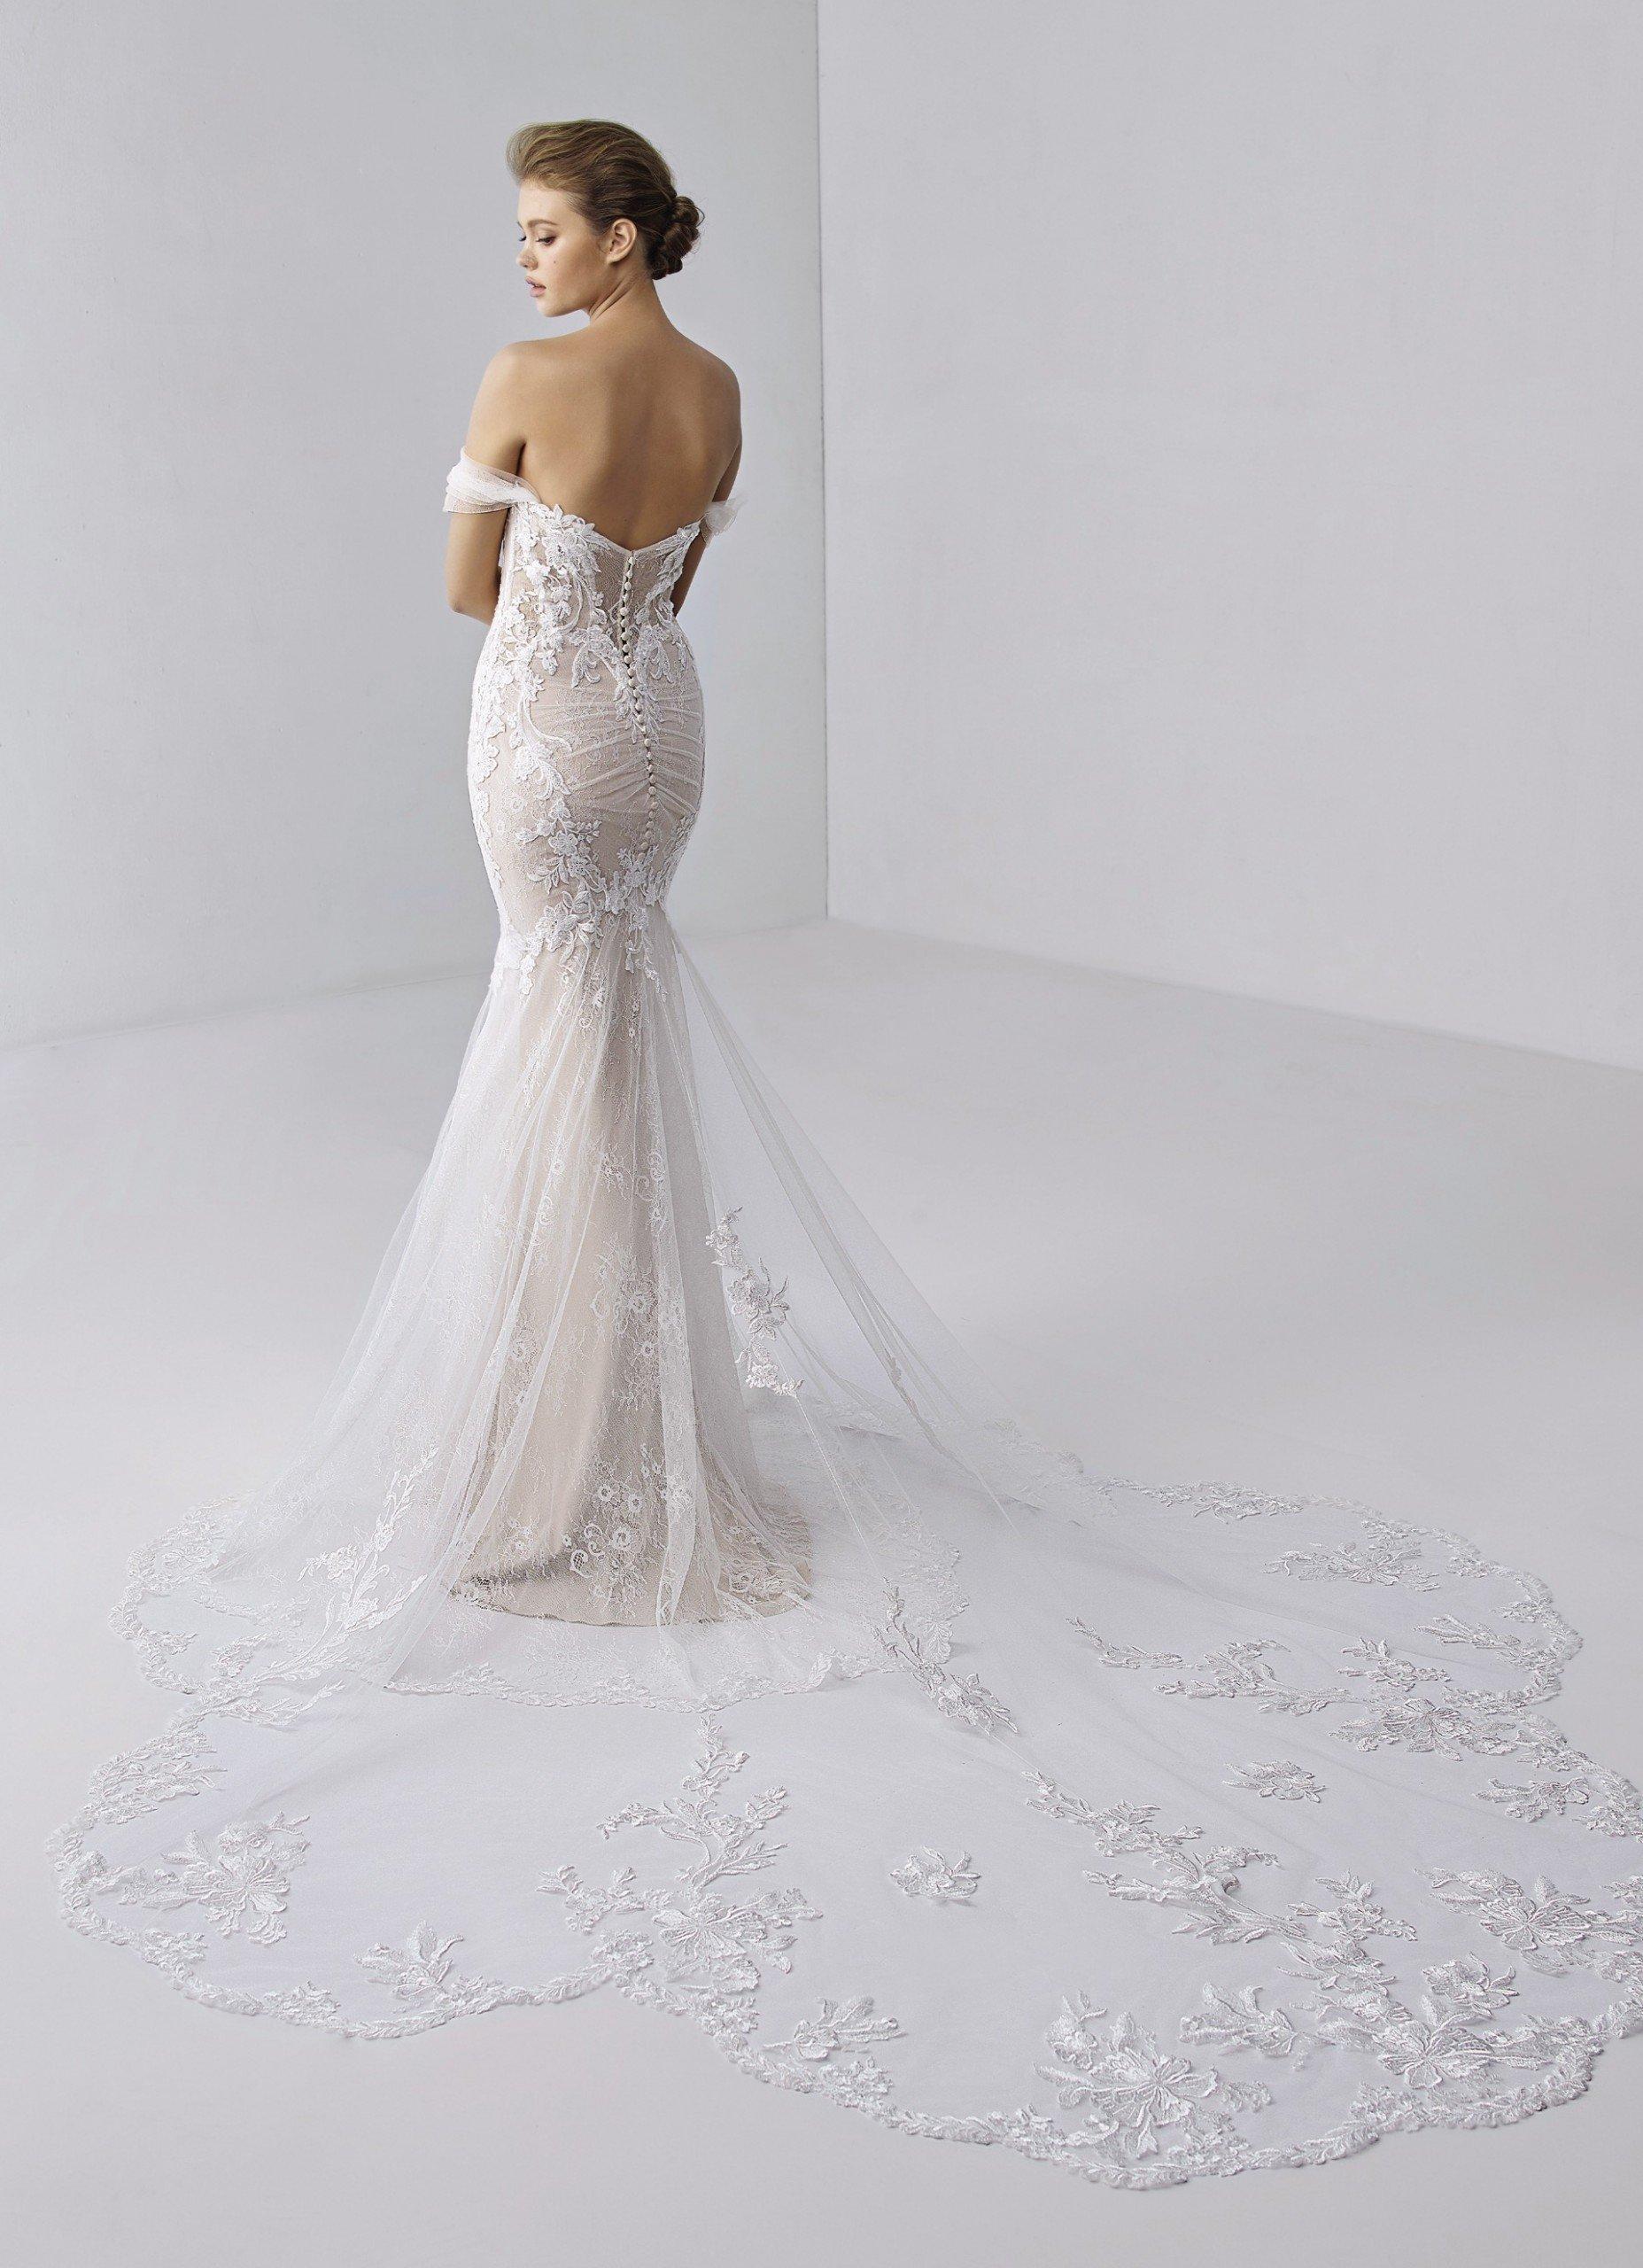 Fit-and-Flare-Brautkleid in Rosa mit Off-Shoulder-Trägern und Spitzenschleppe von Etoile, Modell Evangeline